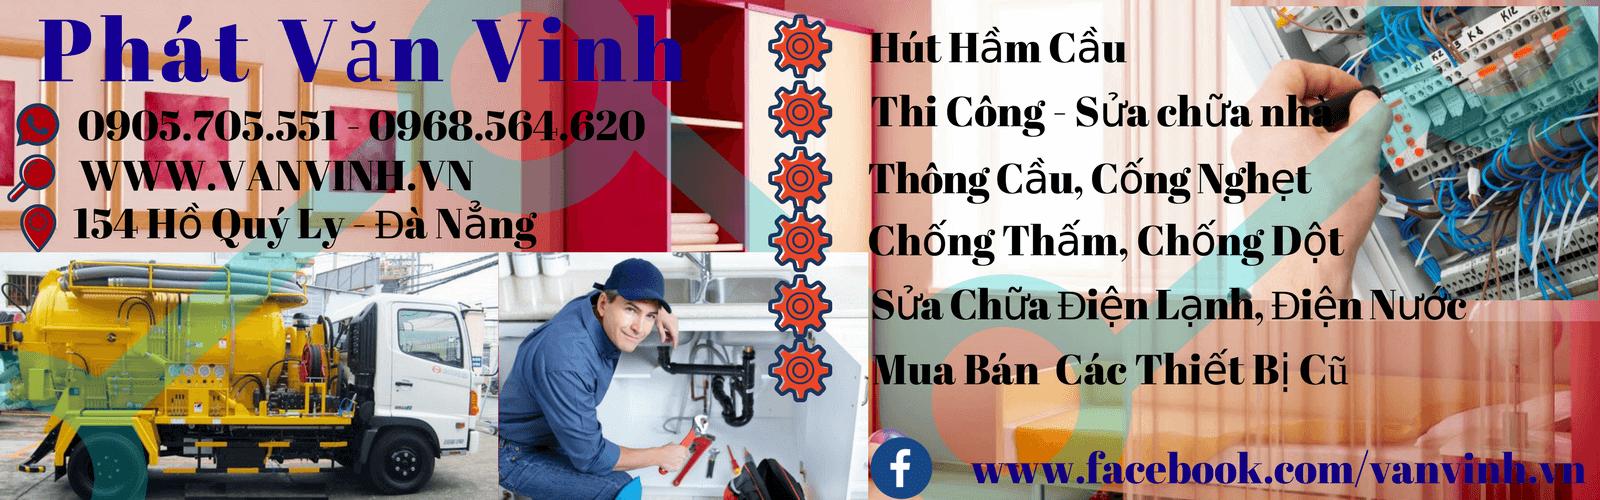 dịch vụ sửa chữa điện lạnh tận nhà Đà Nẵn